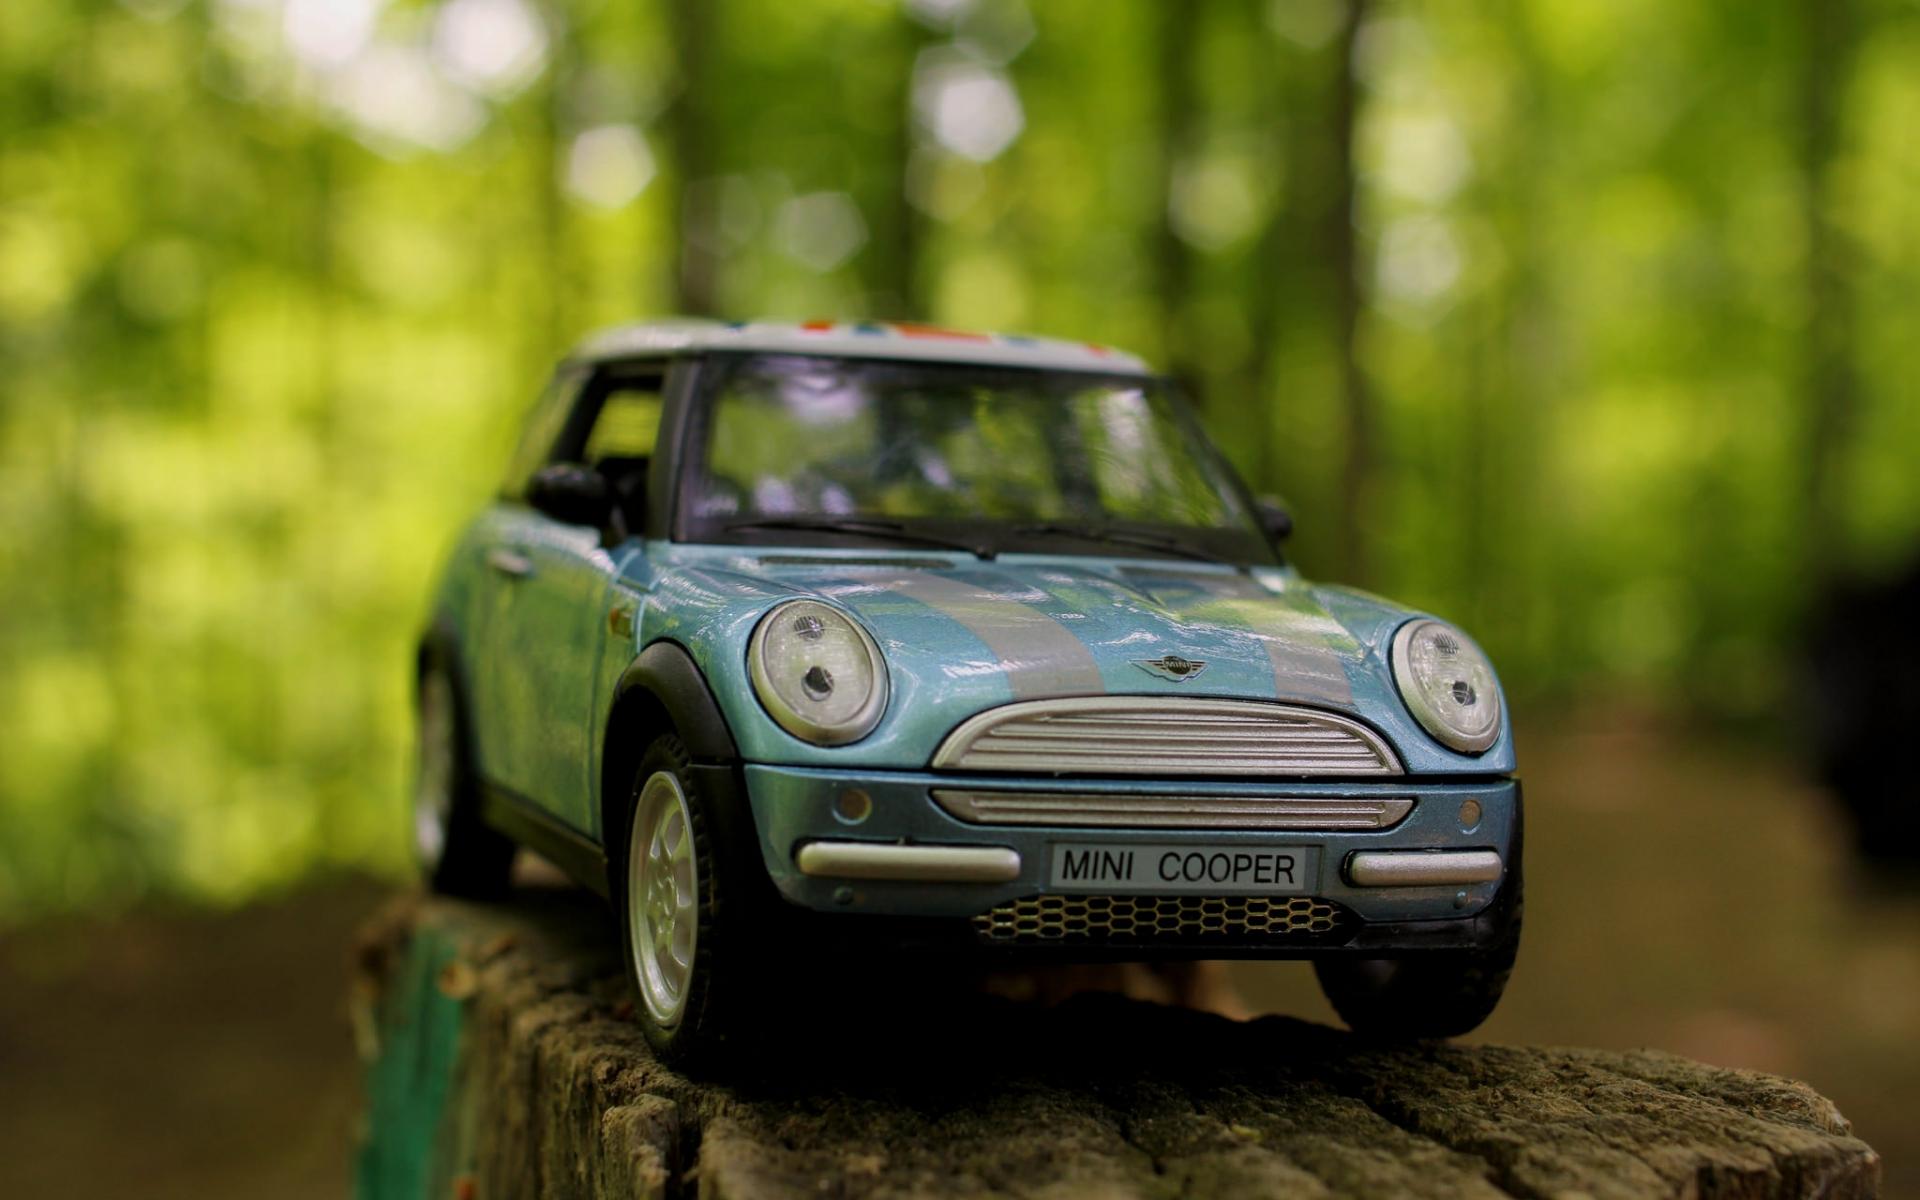 Un mini cooper de juguete - 1920x1200